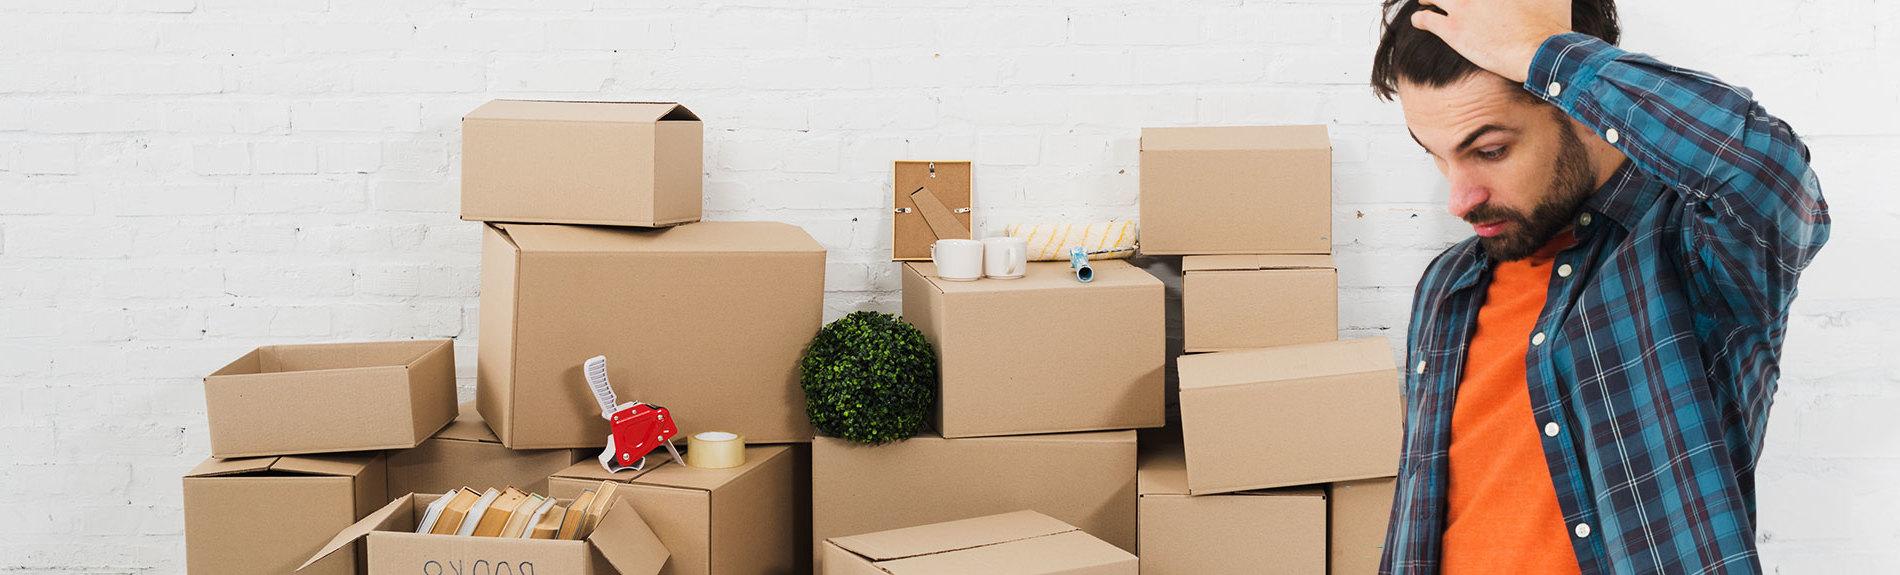 Сколько грузчиков необходимо для переезда?